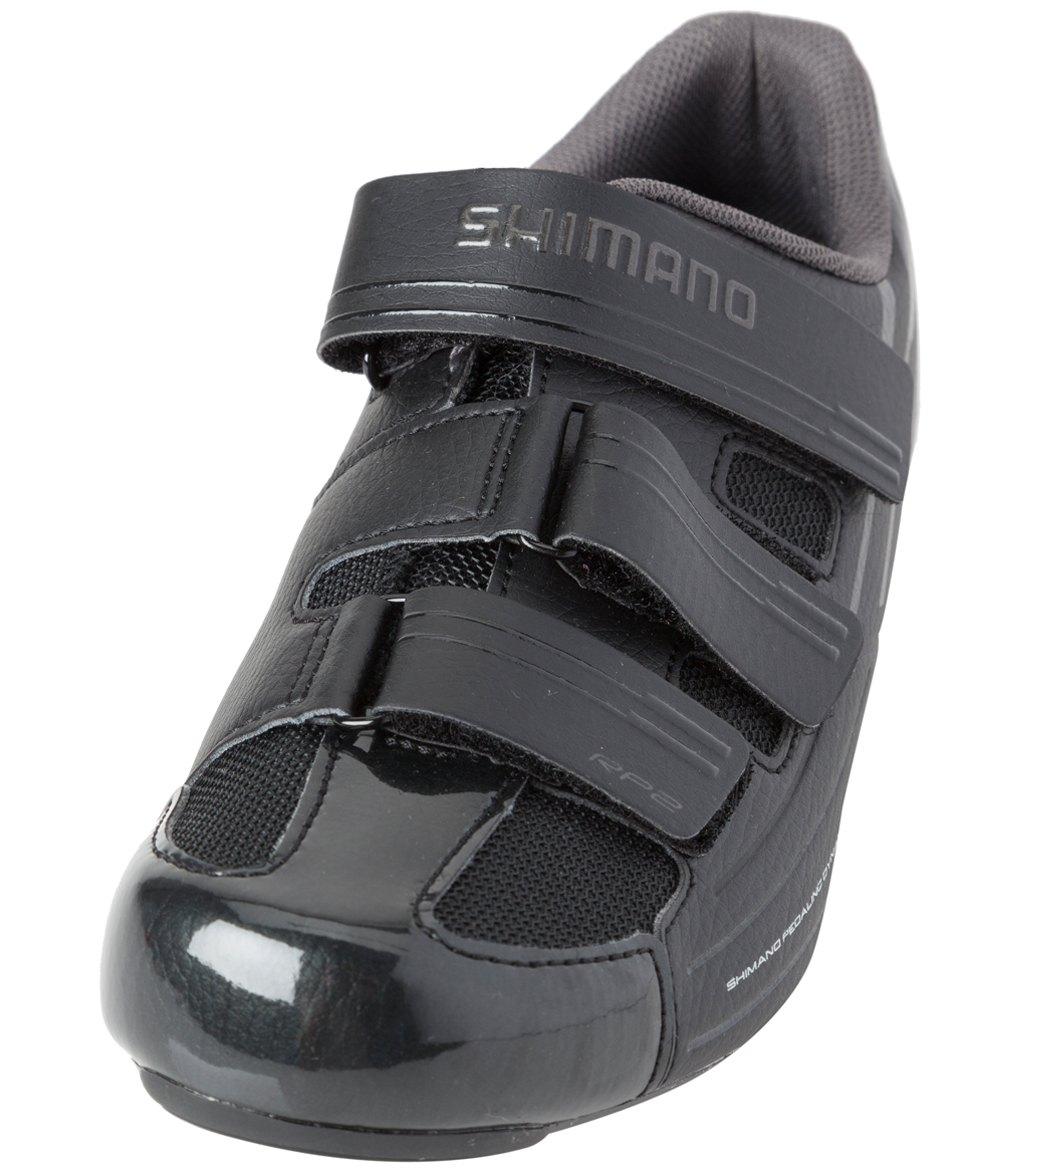 ad3e9e18425 Shimano Men's SH-RP2 Cycling Shoes at SwimOutlet.com - Free Shipping